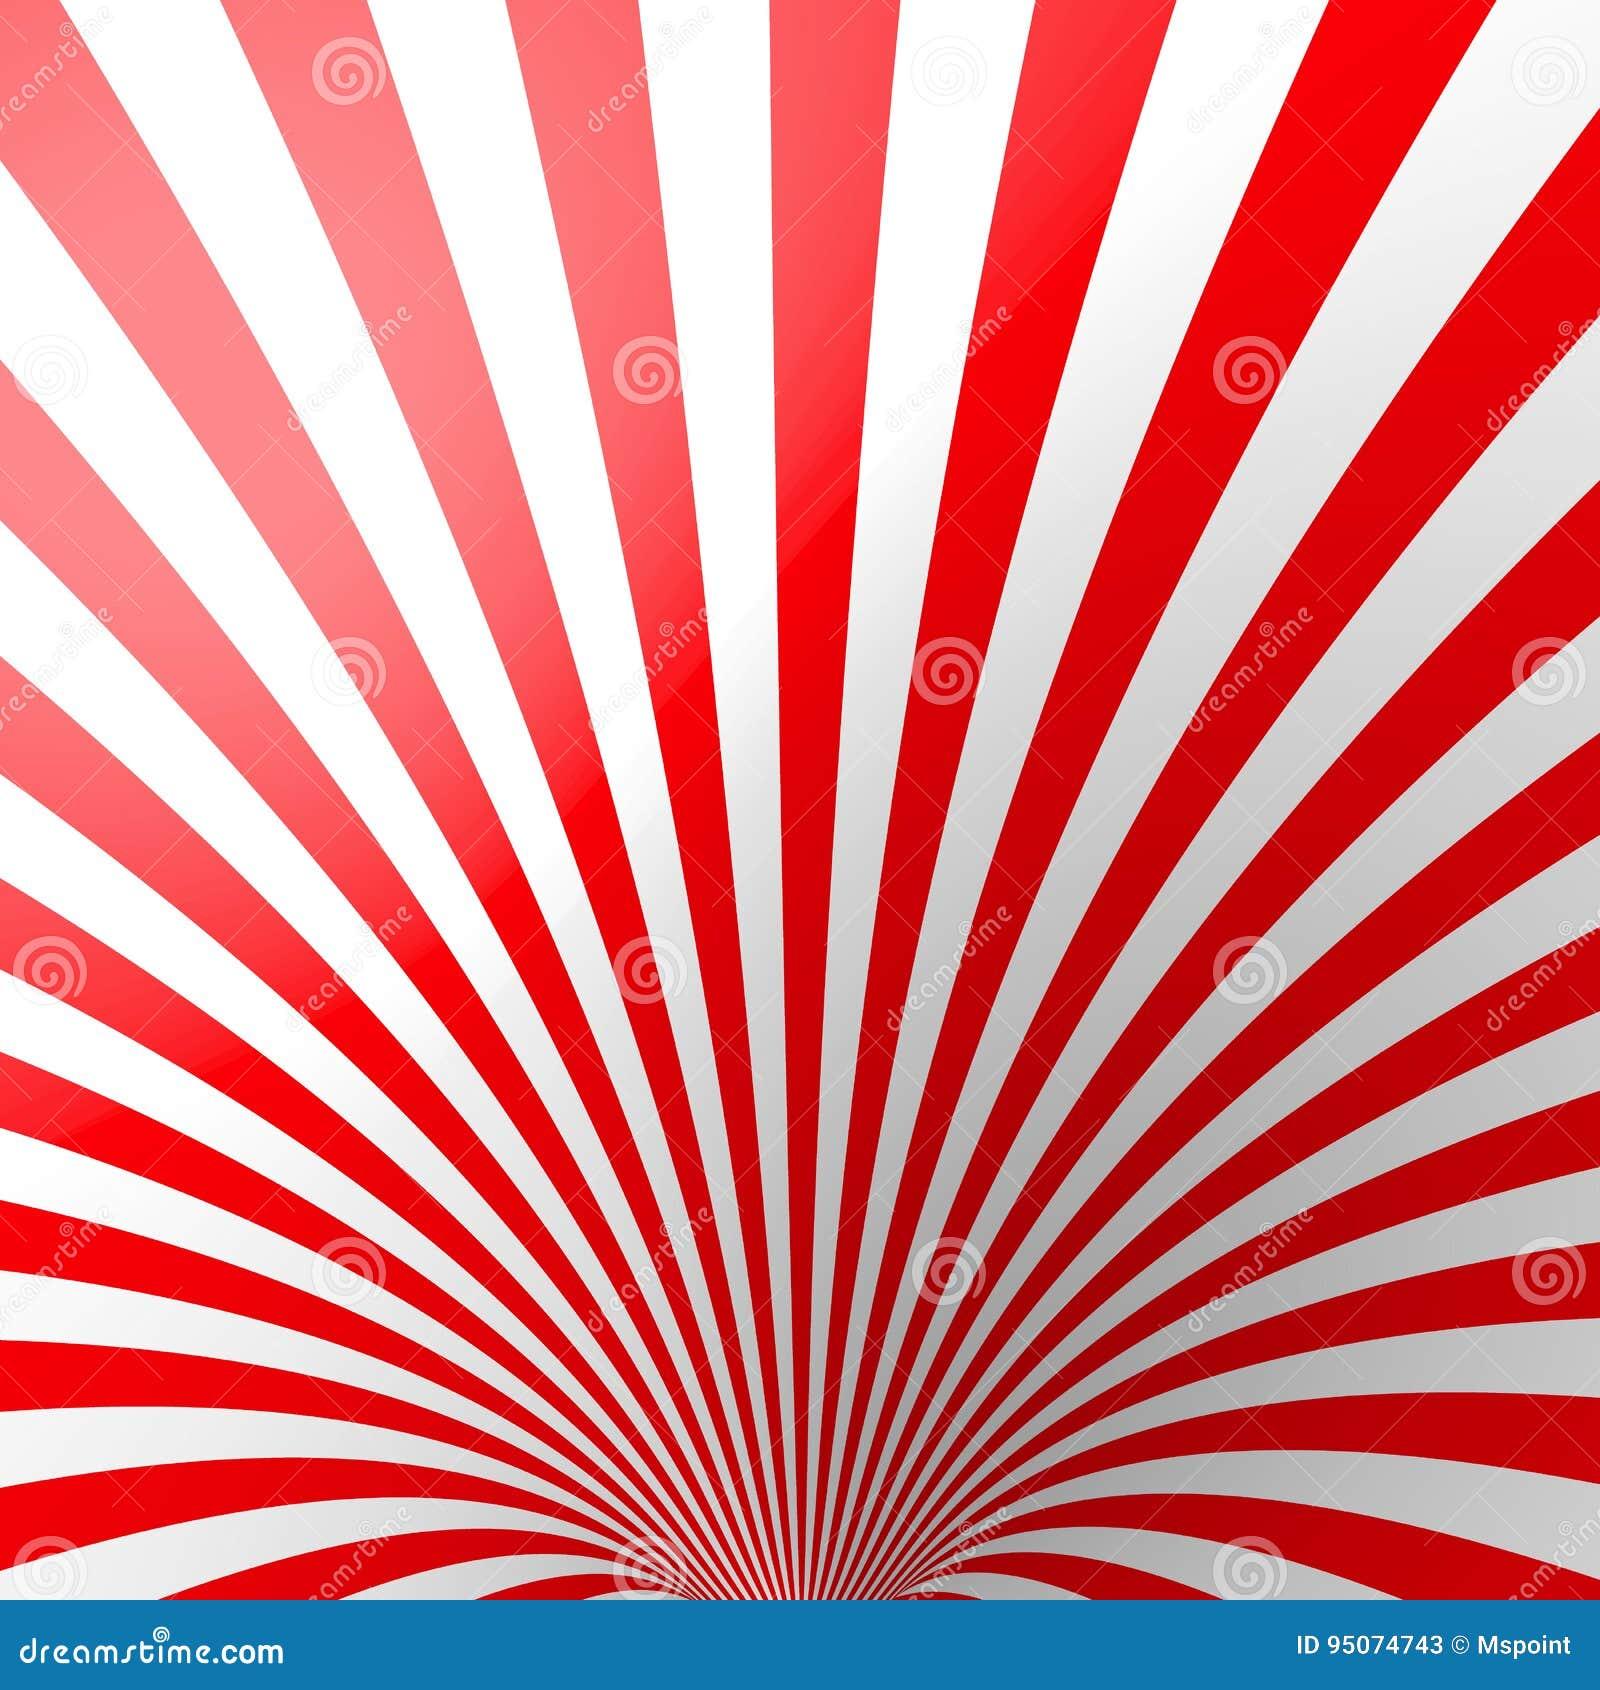 Carta Da Parati E Bordi.Fondo A Strisce Volumetrico Rosso Cono Carta Da Parati Rossa E